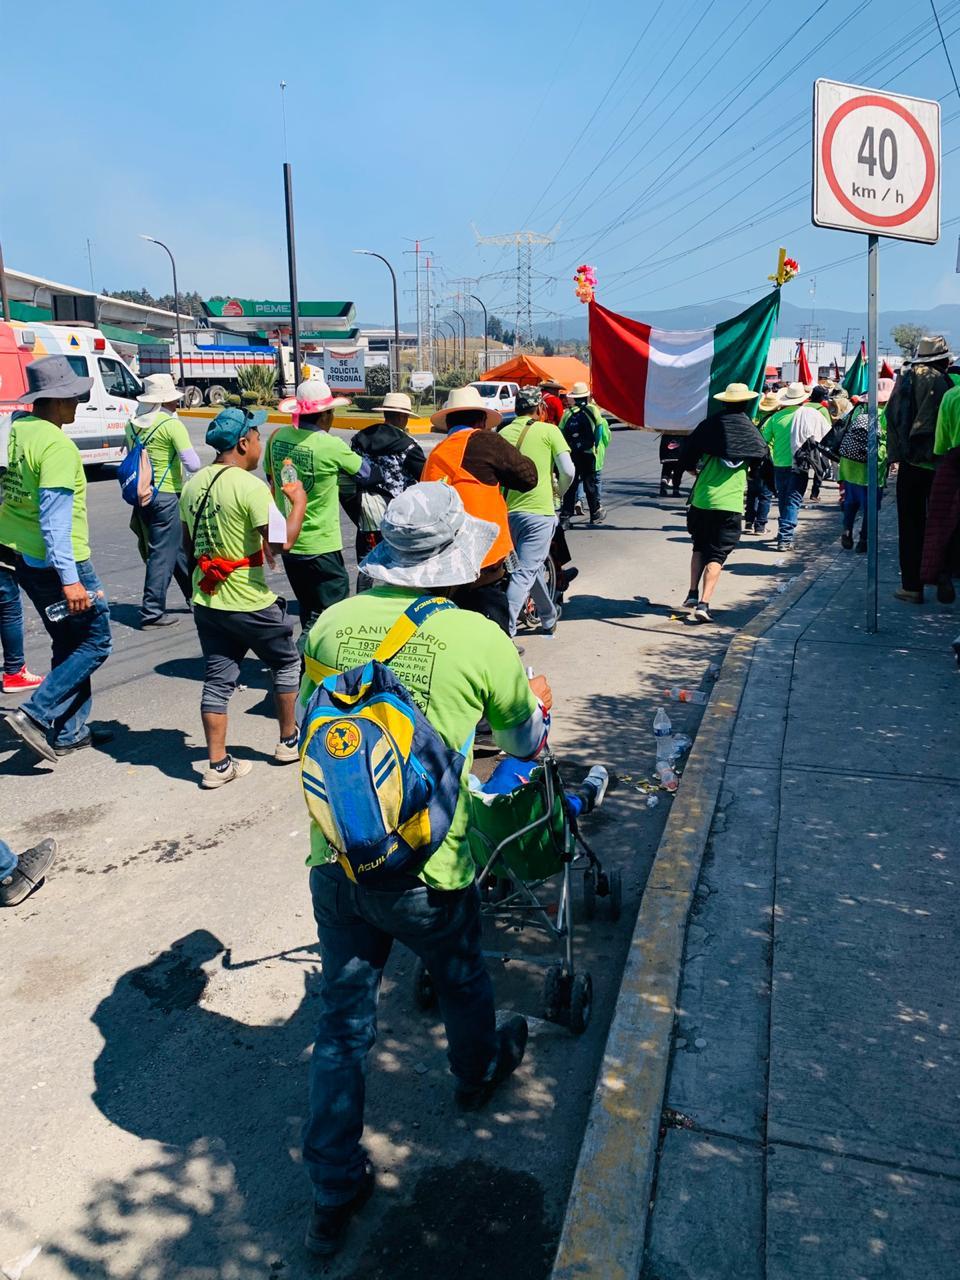 Peregrinos rumbo a la Basílica de Guadalupe